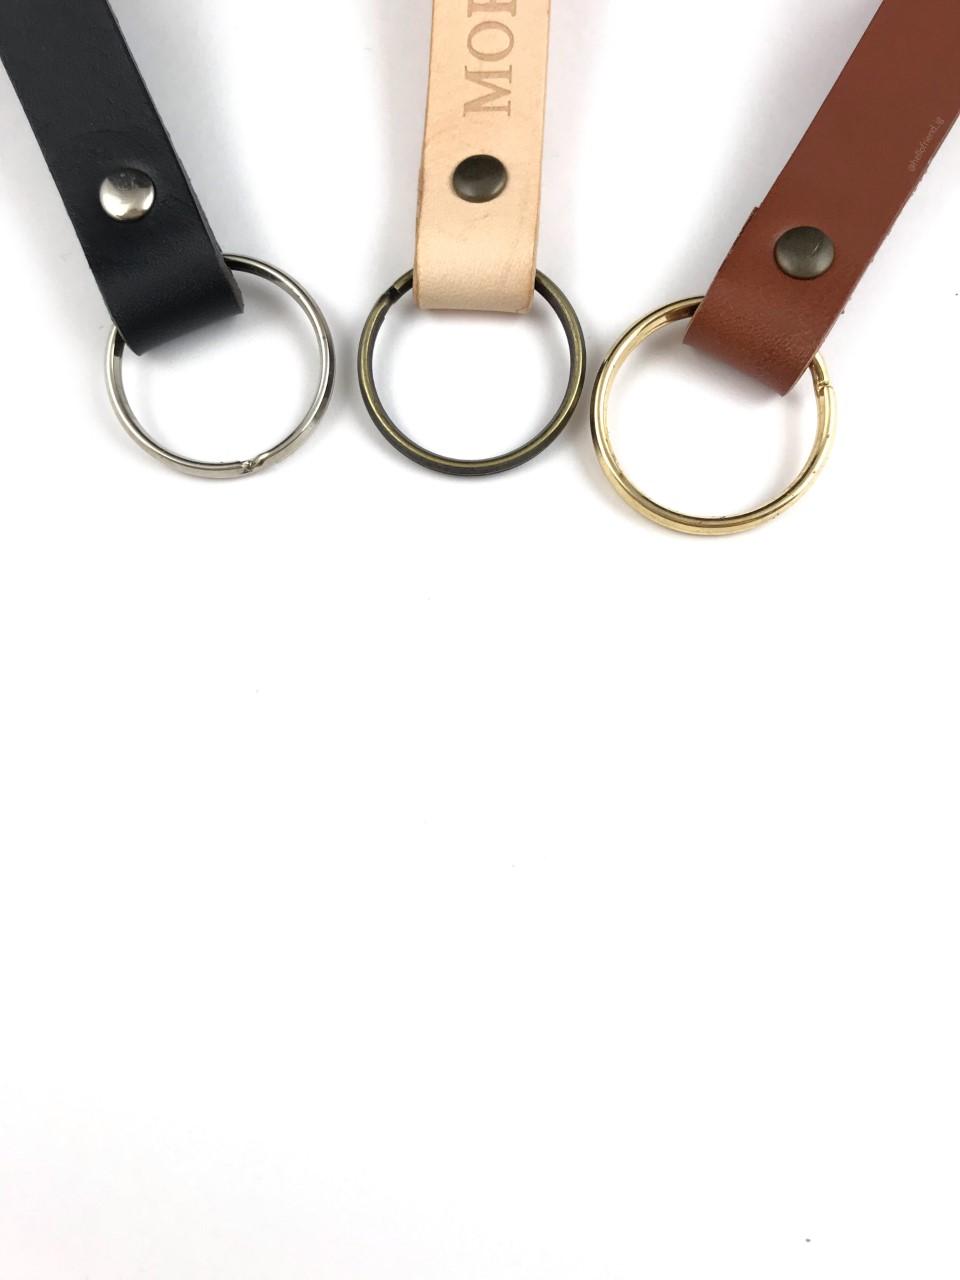 Lædernøglering med sølvring, lædernøglering med guldring, lædernøglering med messingring